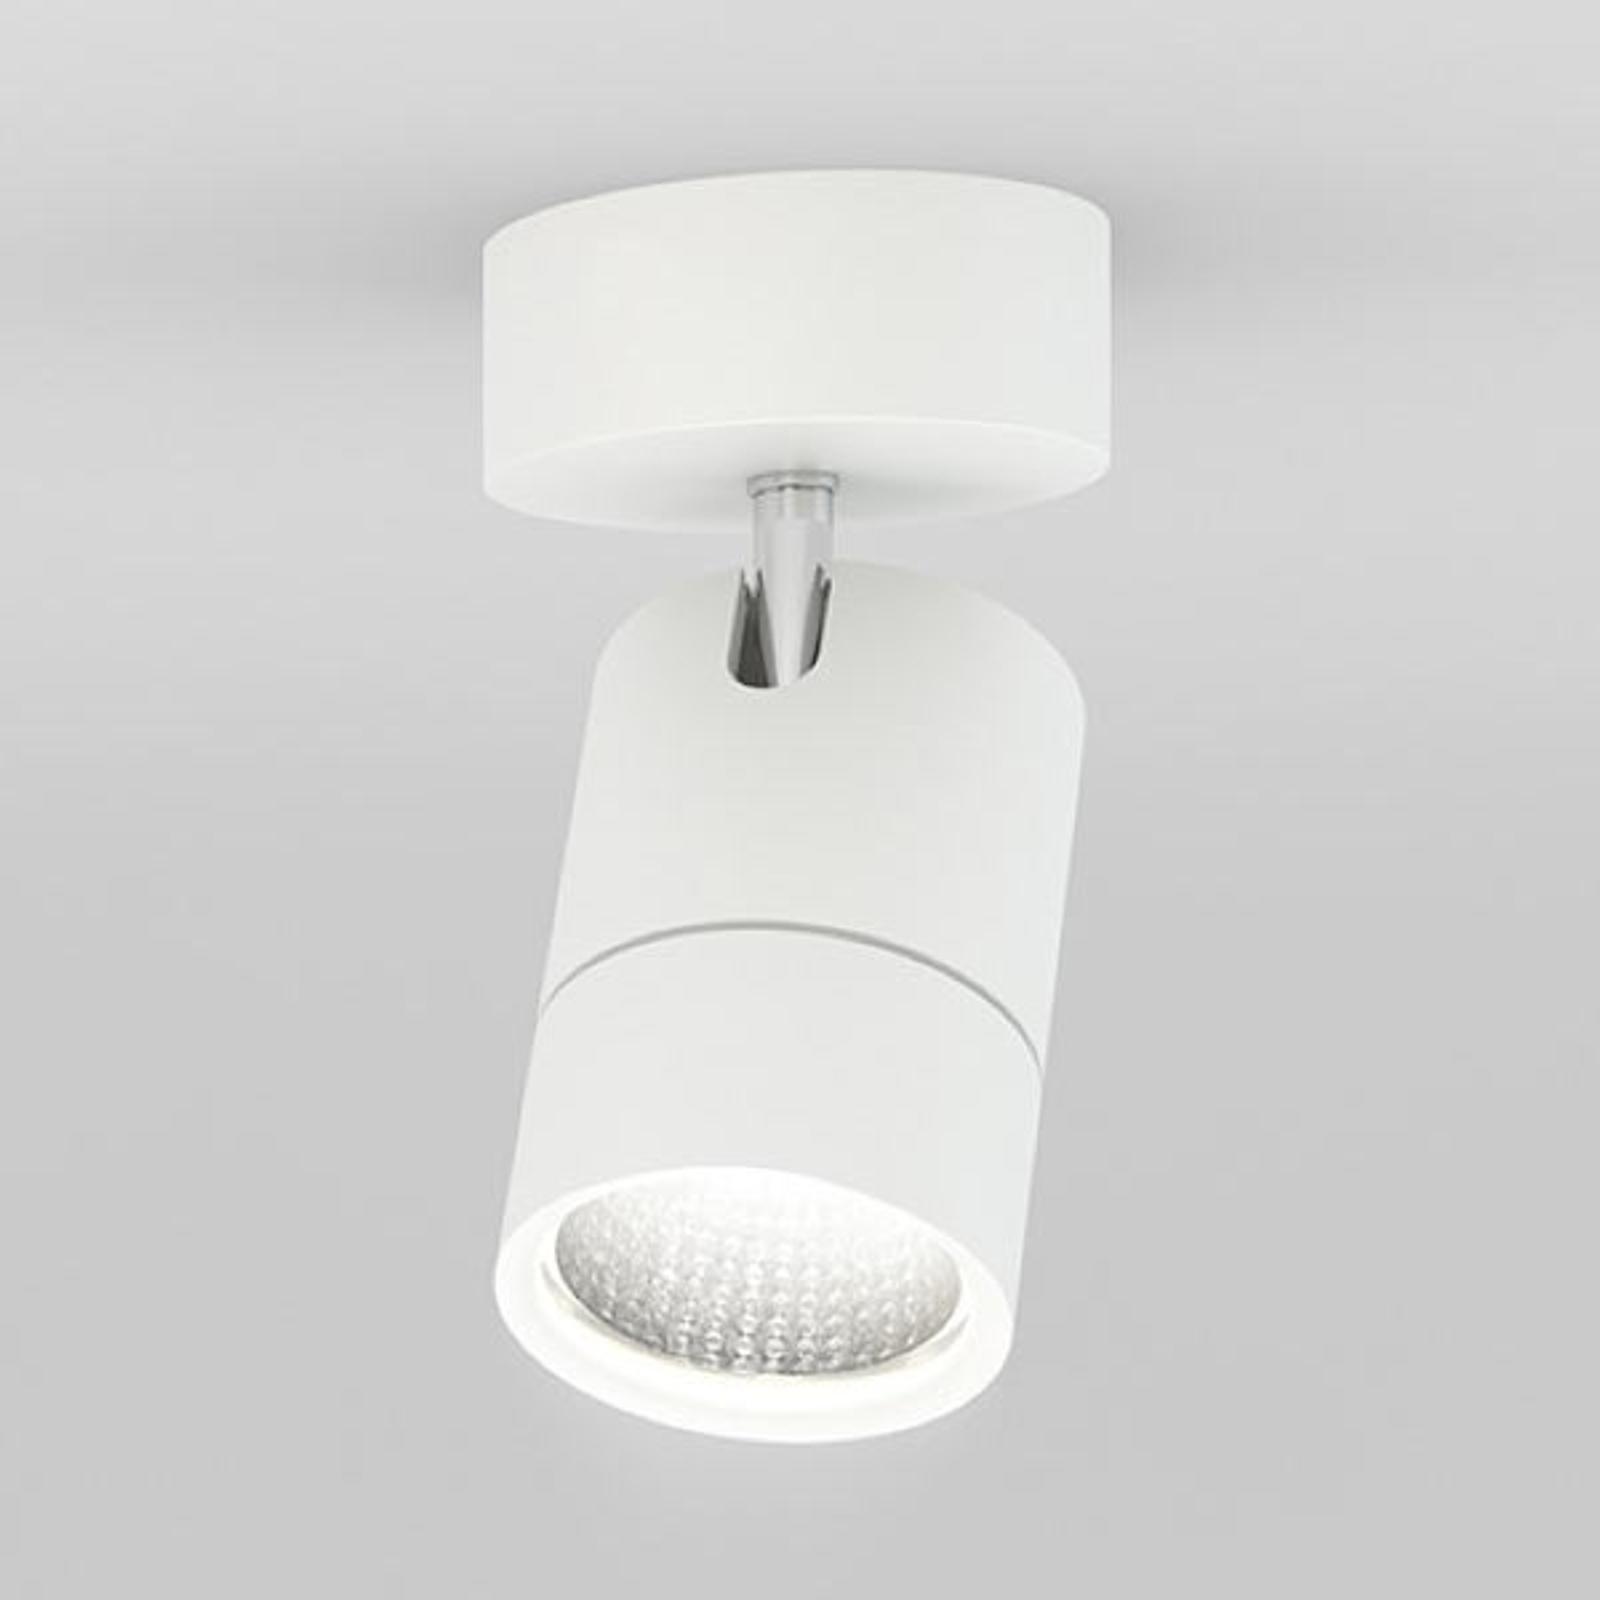 Dash AC 11W LED-Aufbauspot, weiß, medium, 3.000K